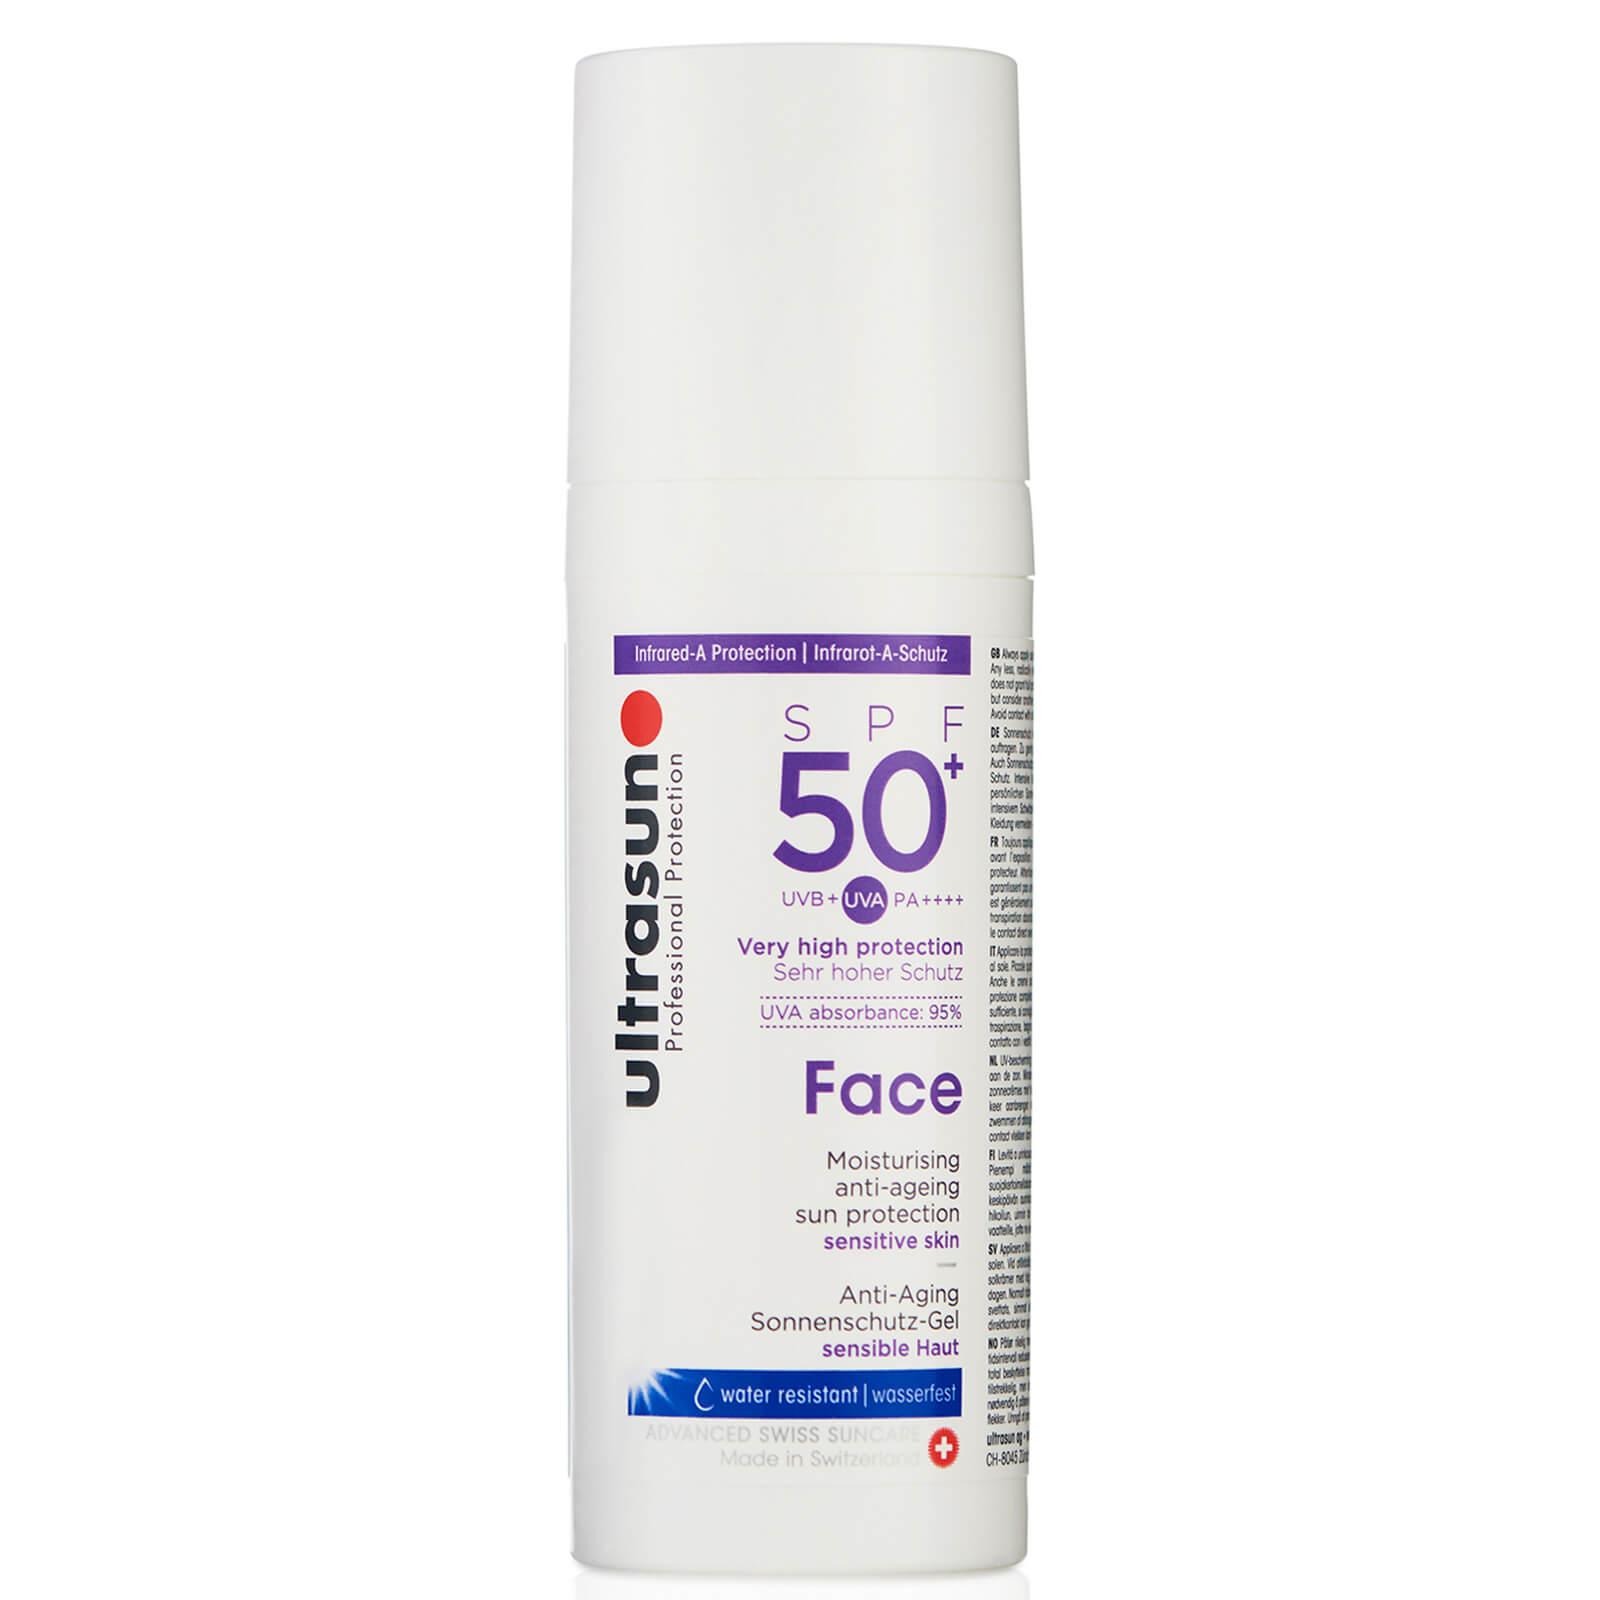 ULTRASUN FACE 抗衰老乳液 SPF 50+ 50ML